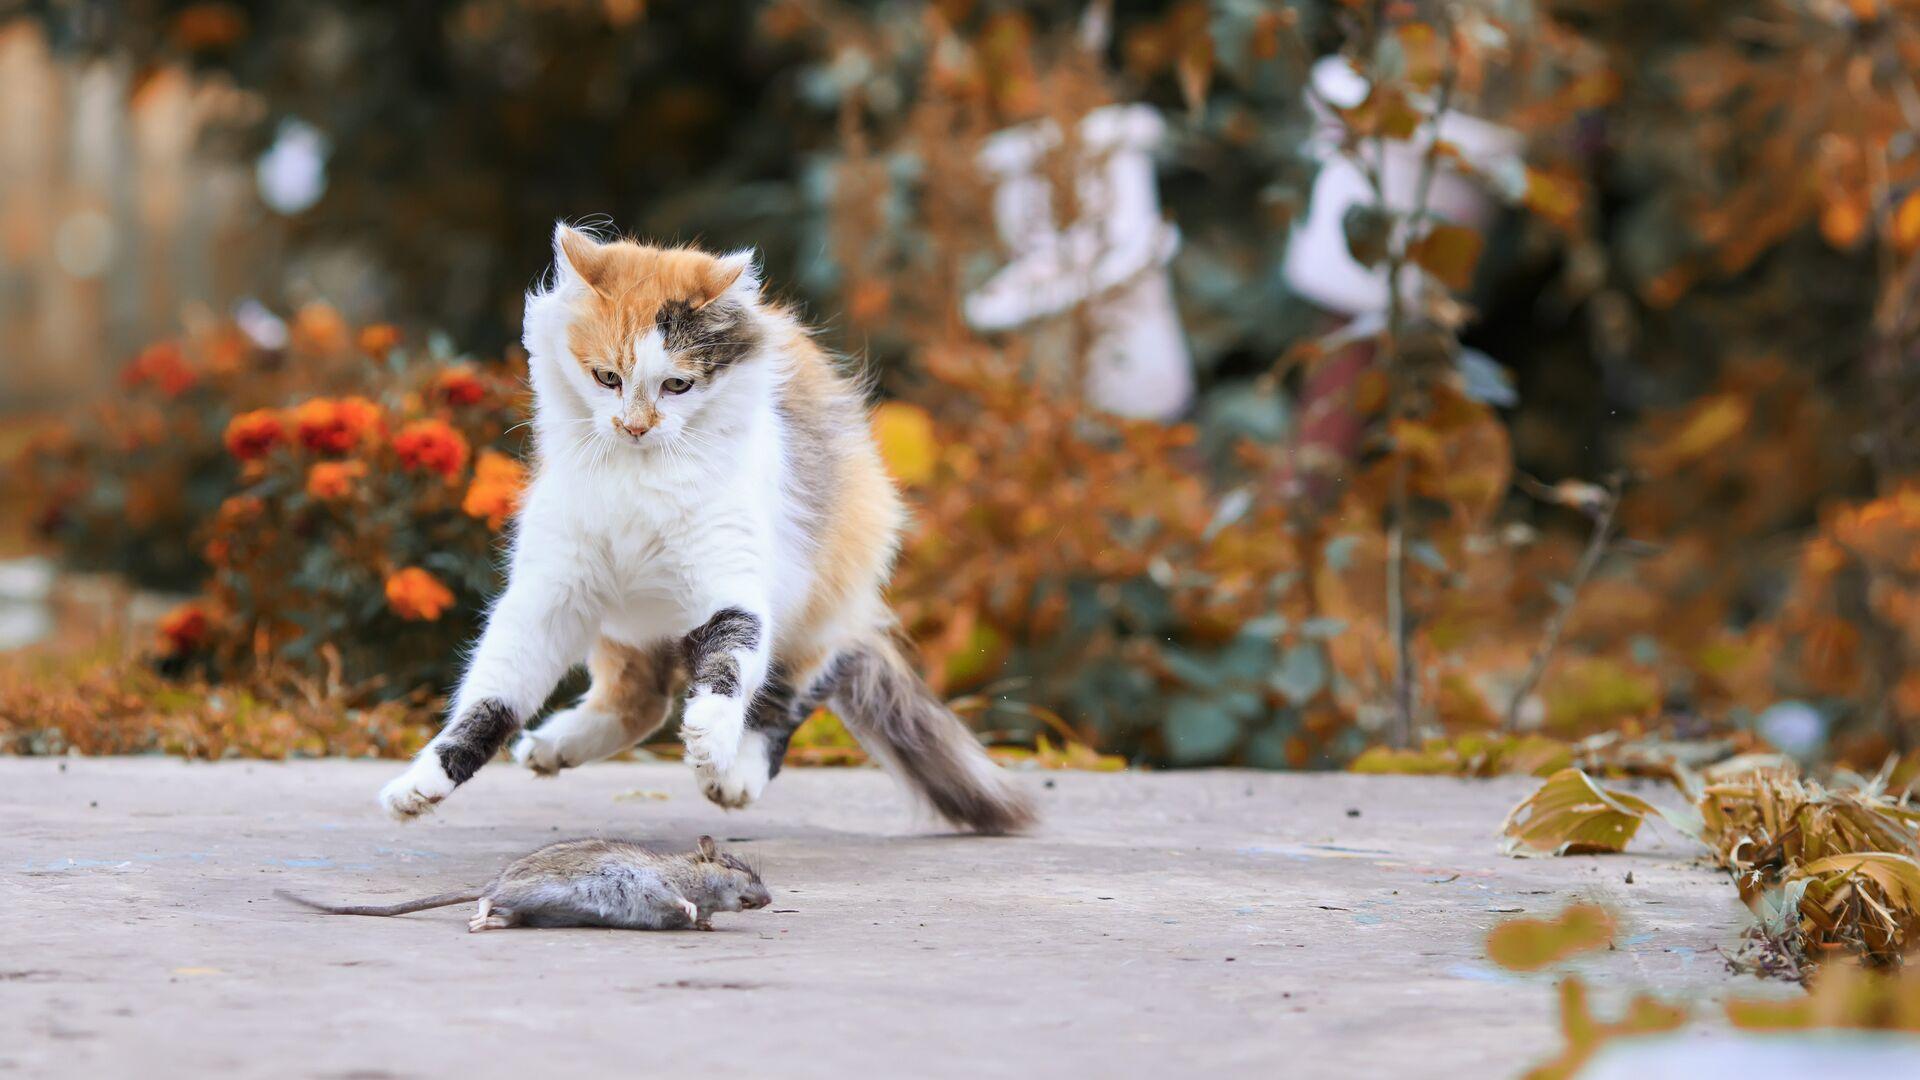 """Два удовольствия: почему кошки никогда не смогут """"завоевать мир"""""""